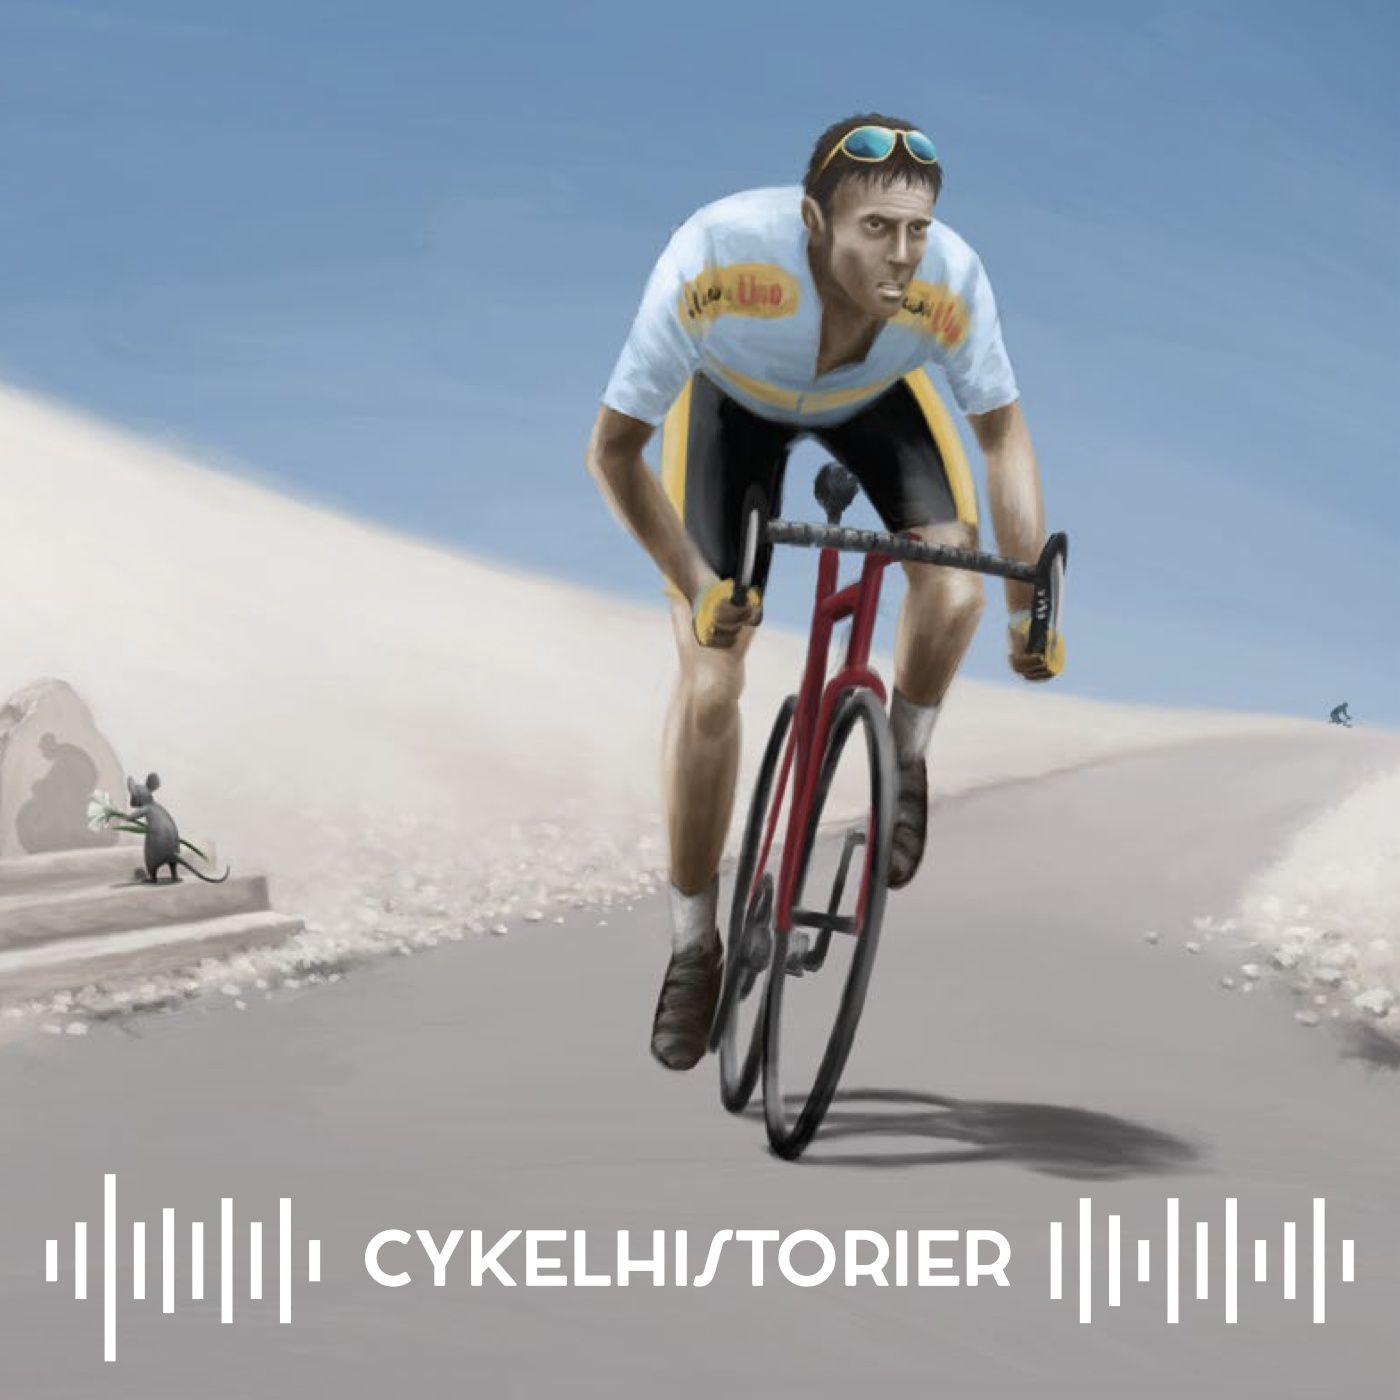 EP06 Giganten på Det Skaldede Bjerg ·Eros Poli · Mont Ventoux · Tour de France 1994